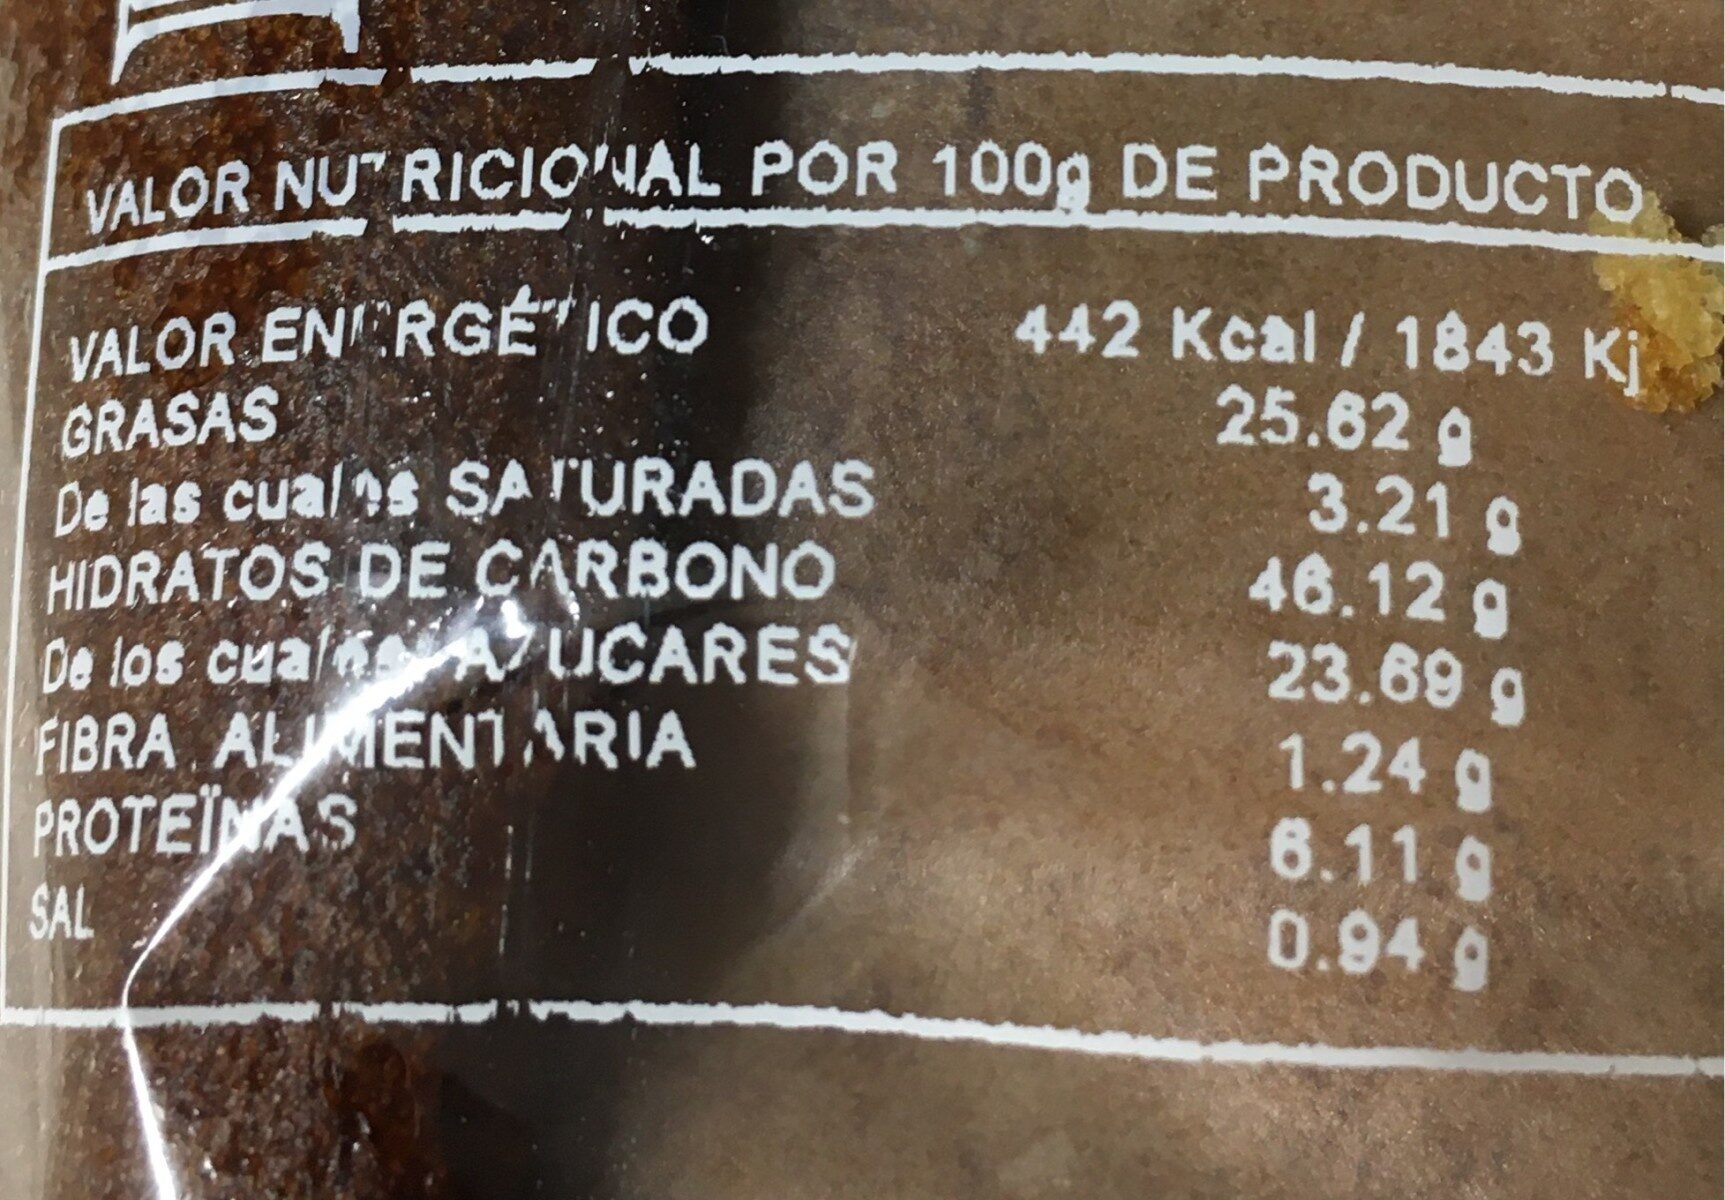 Bizcocho casero - Informació nutricional - es